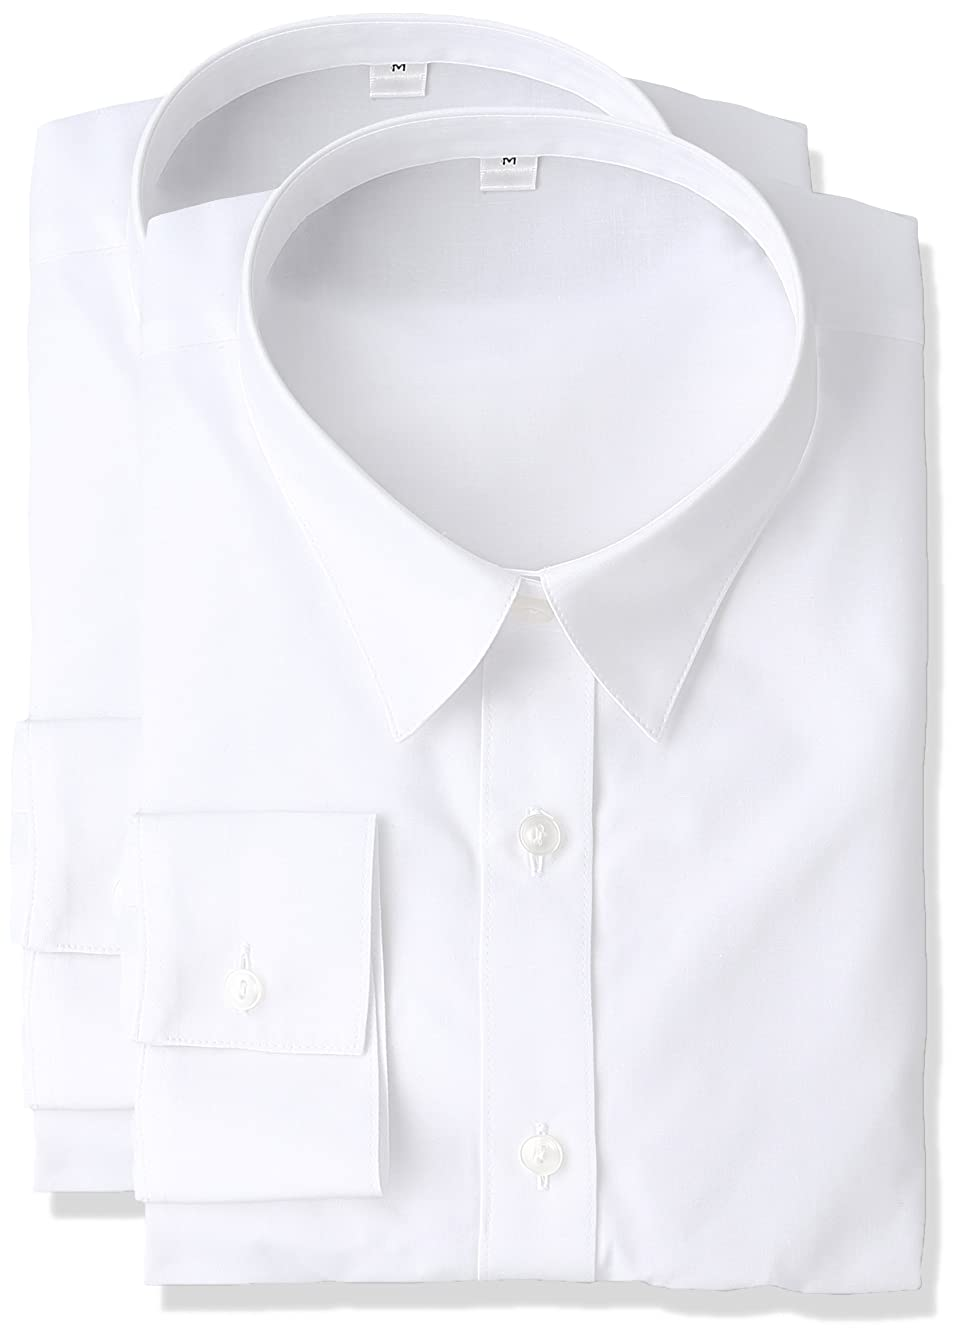 ノベルティ純正死んでいる白衣 メンズ 実験衣 医師 診察衣ホワイト 長袖 ポケット付き 医療 制菌 男性ドクター